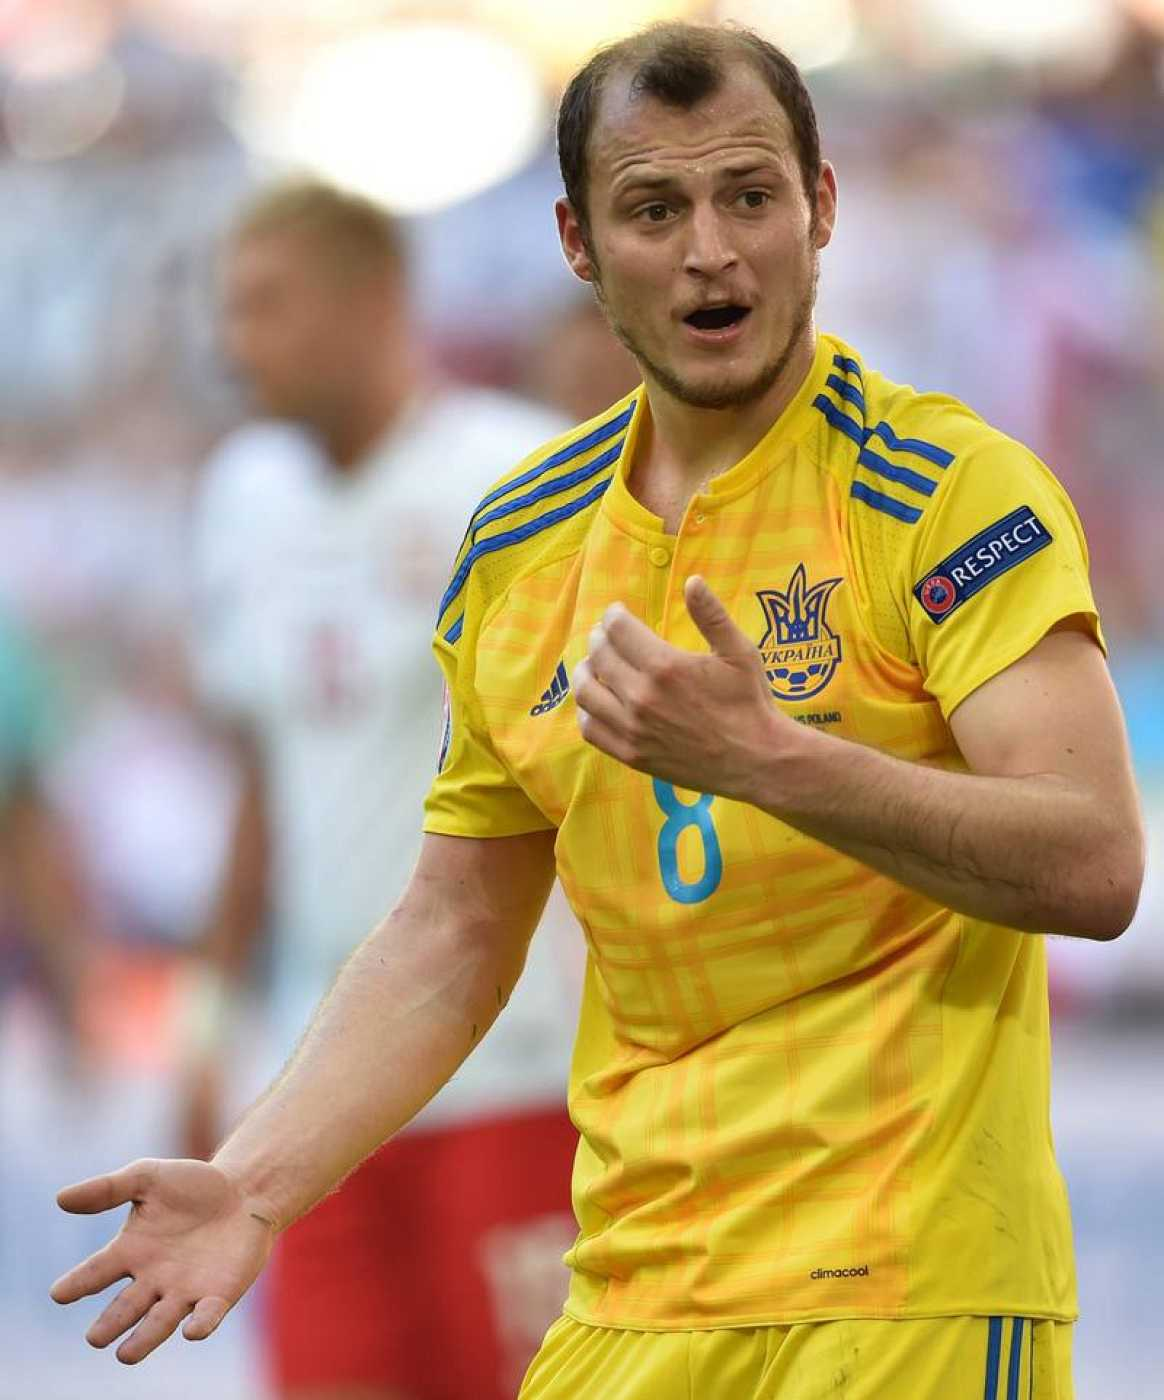 Imagen de Zozulya con la camiseta de Ucrania durante la pasada Eurocopa.